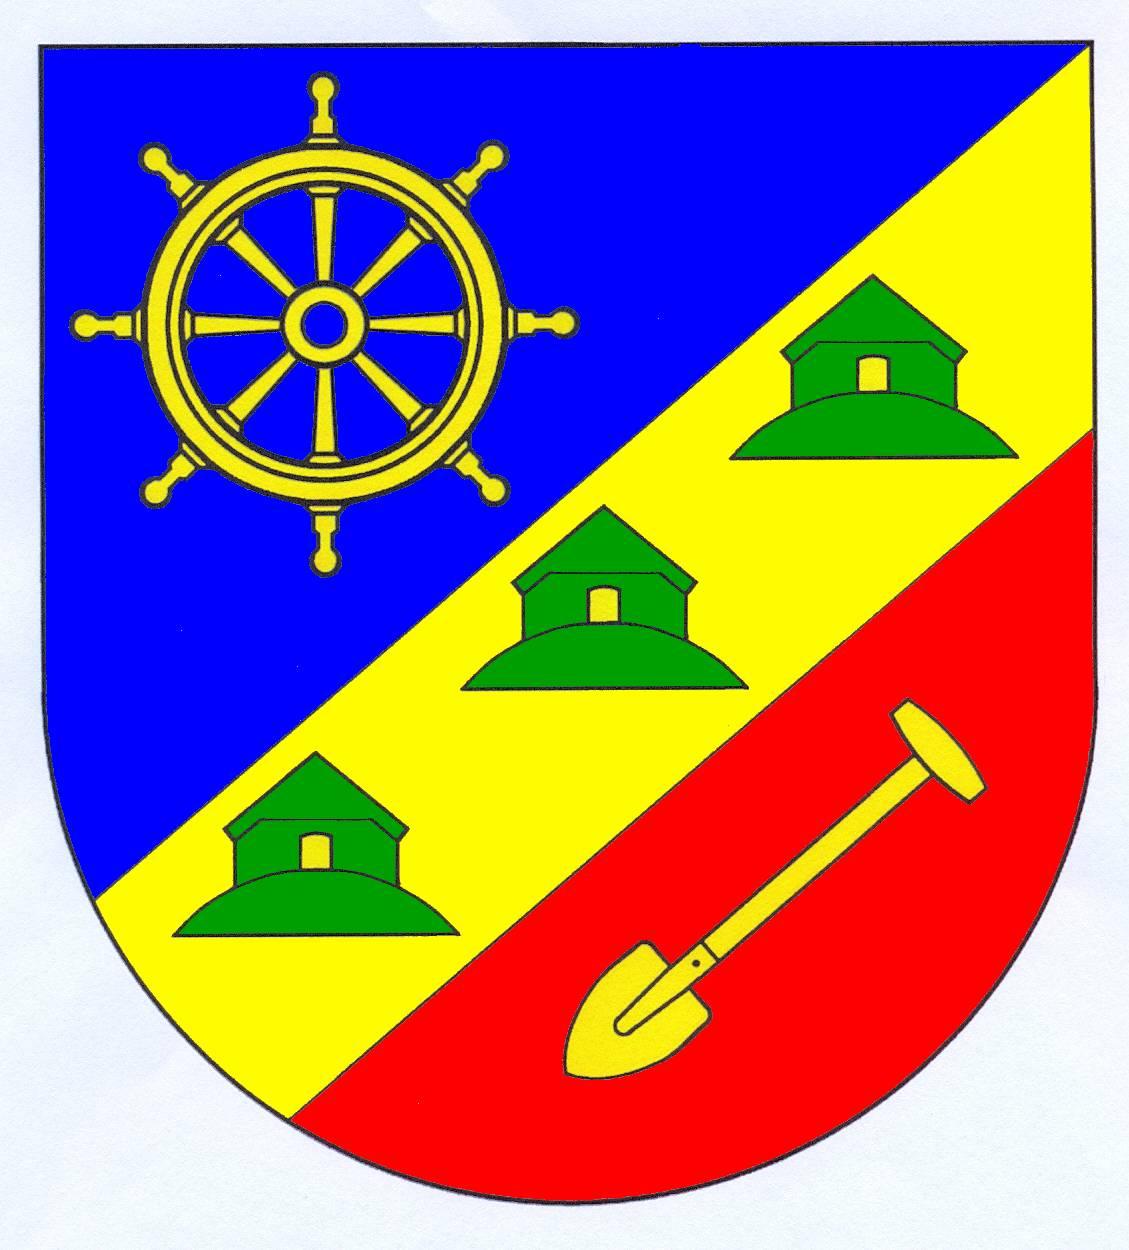 Wappen GemeindeDagebüll, Kreis Nordfriesland